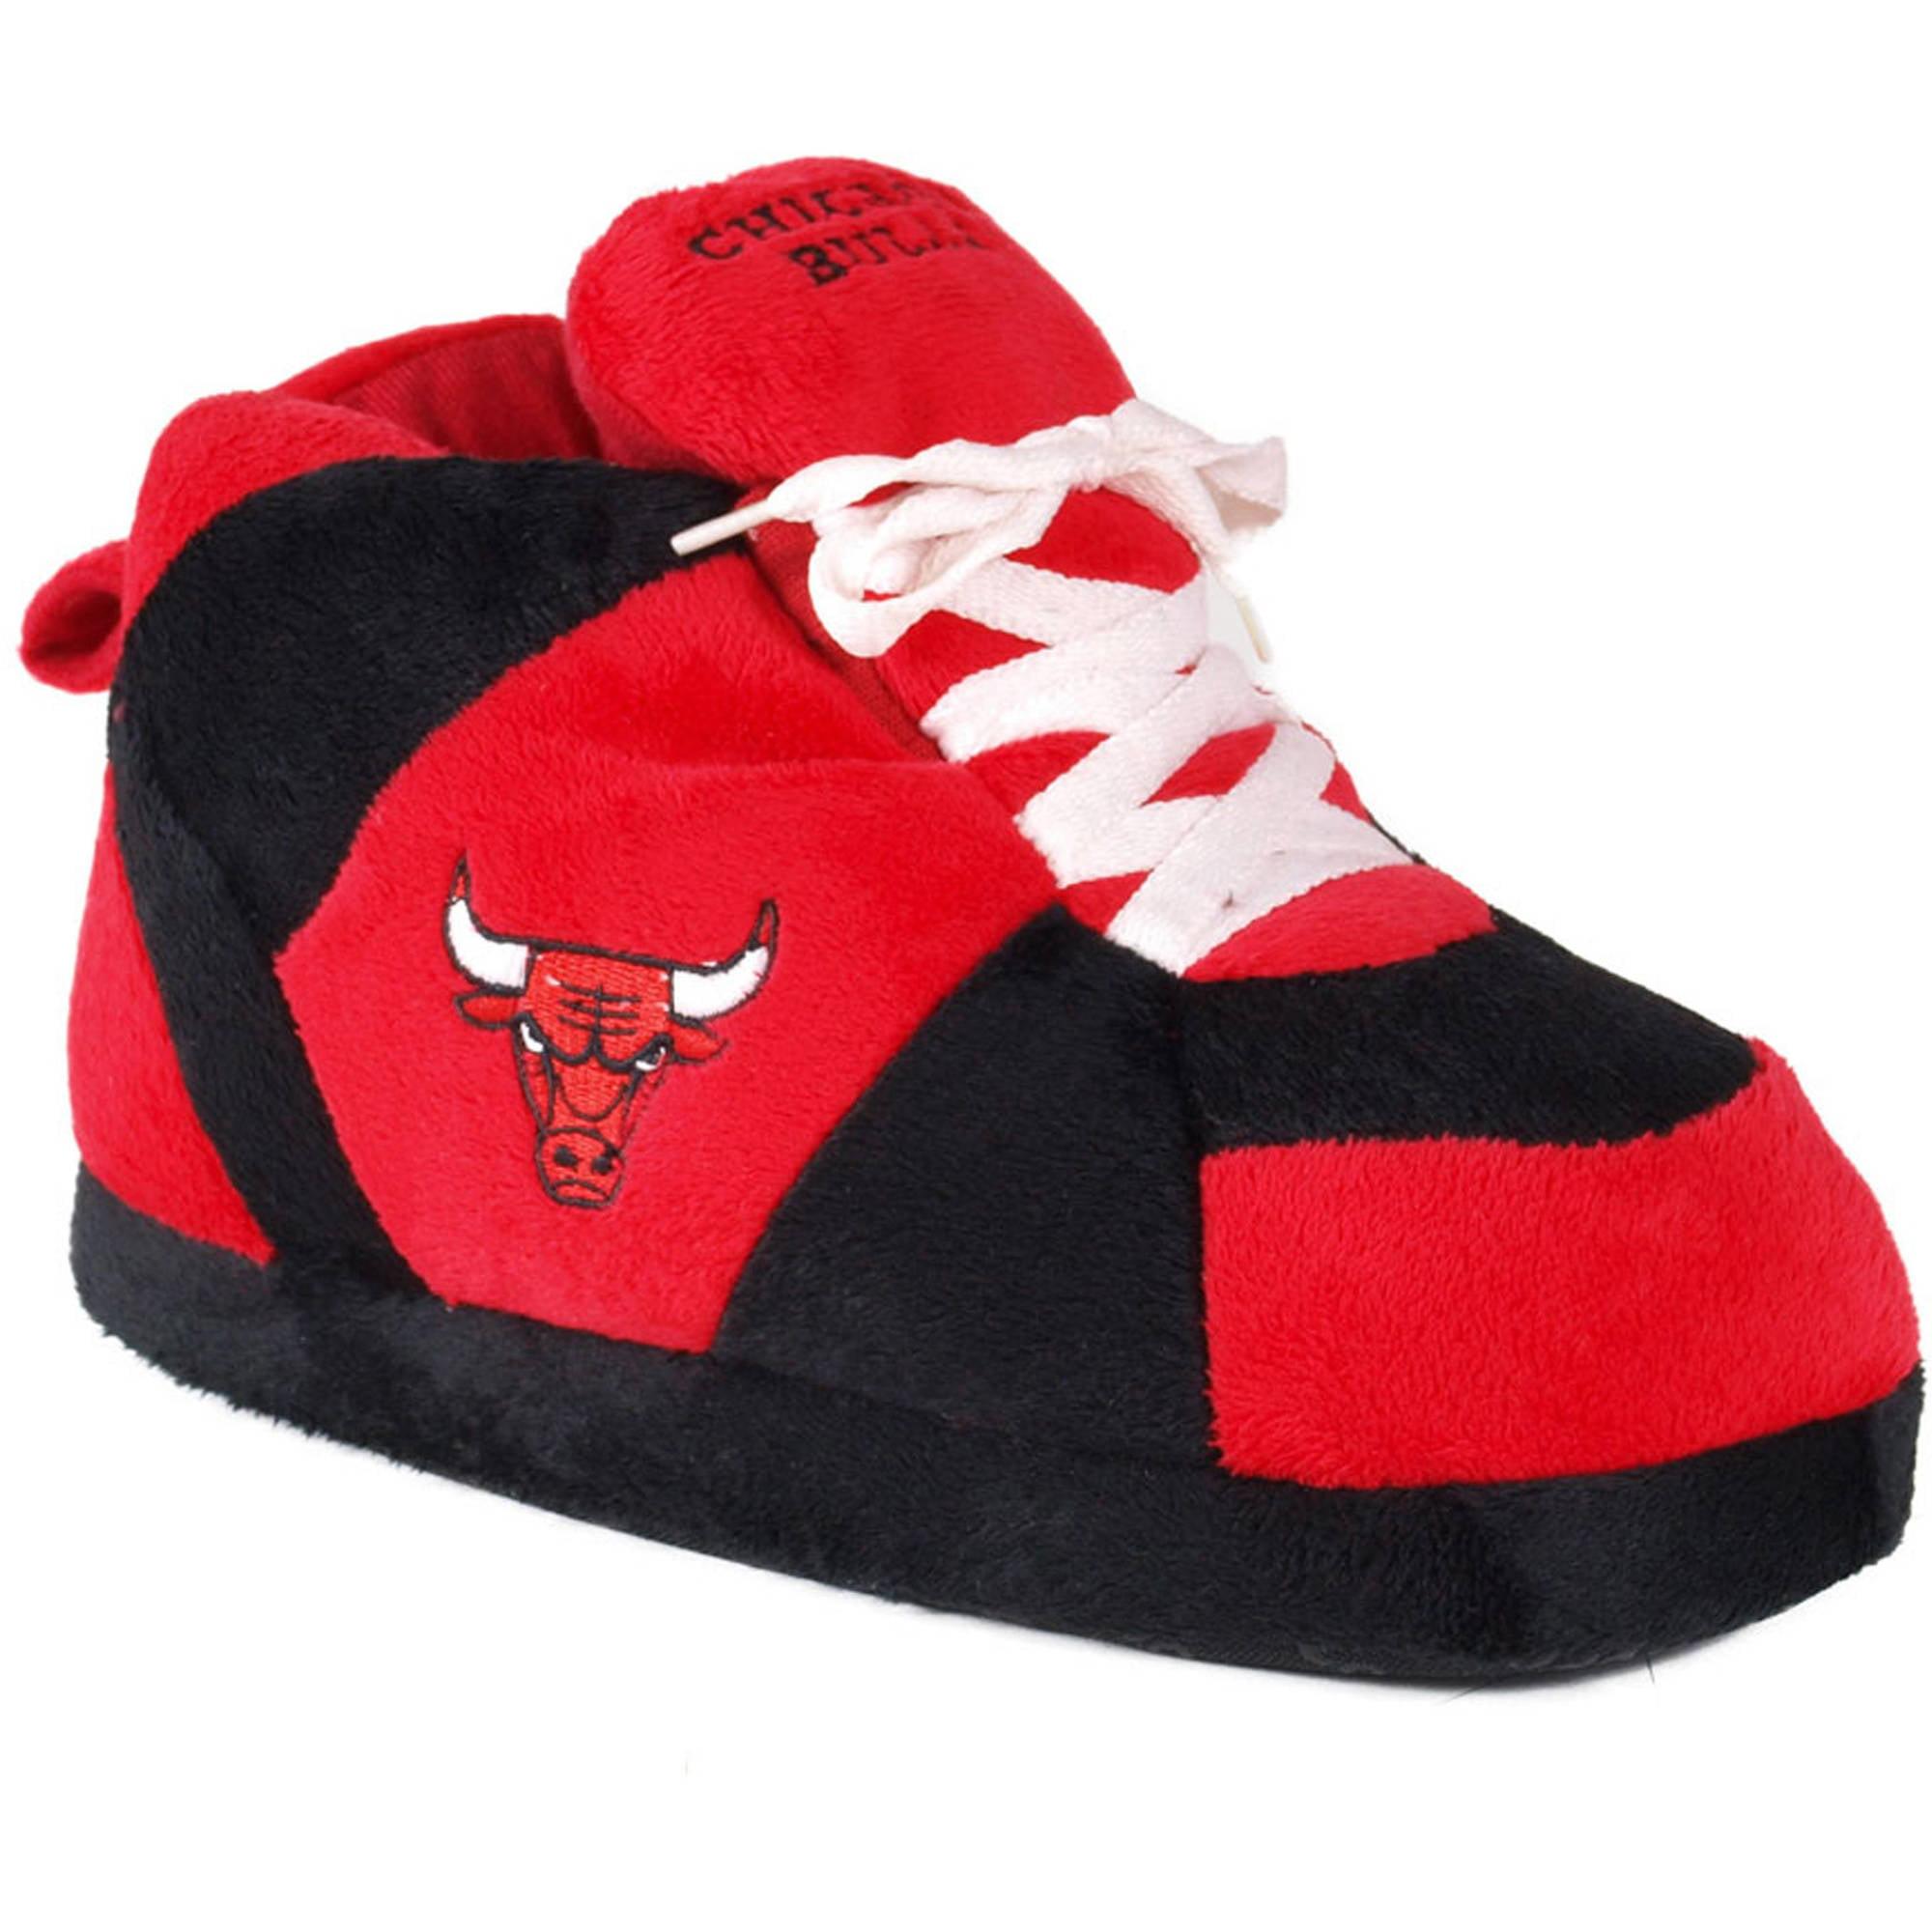 NBA Men's Chicago Bulls Slipper